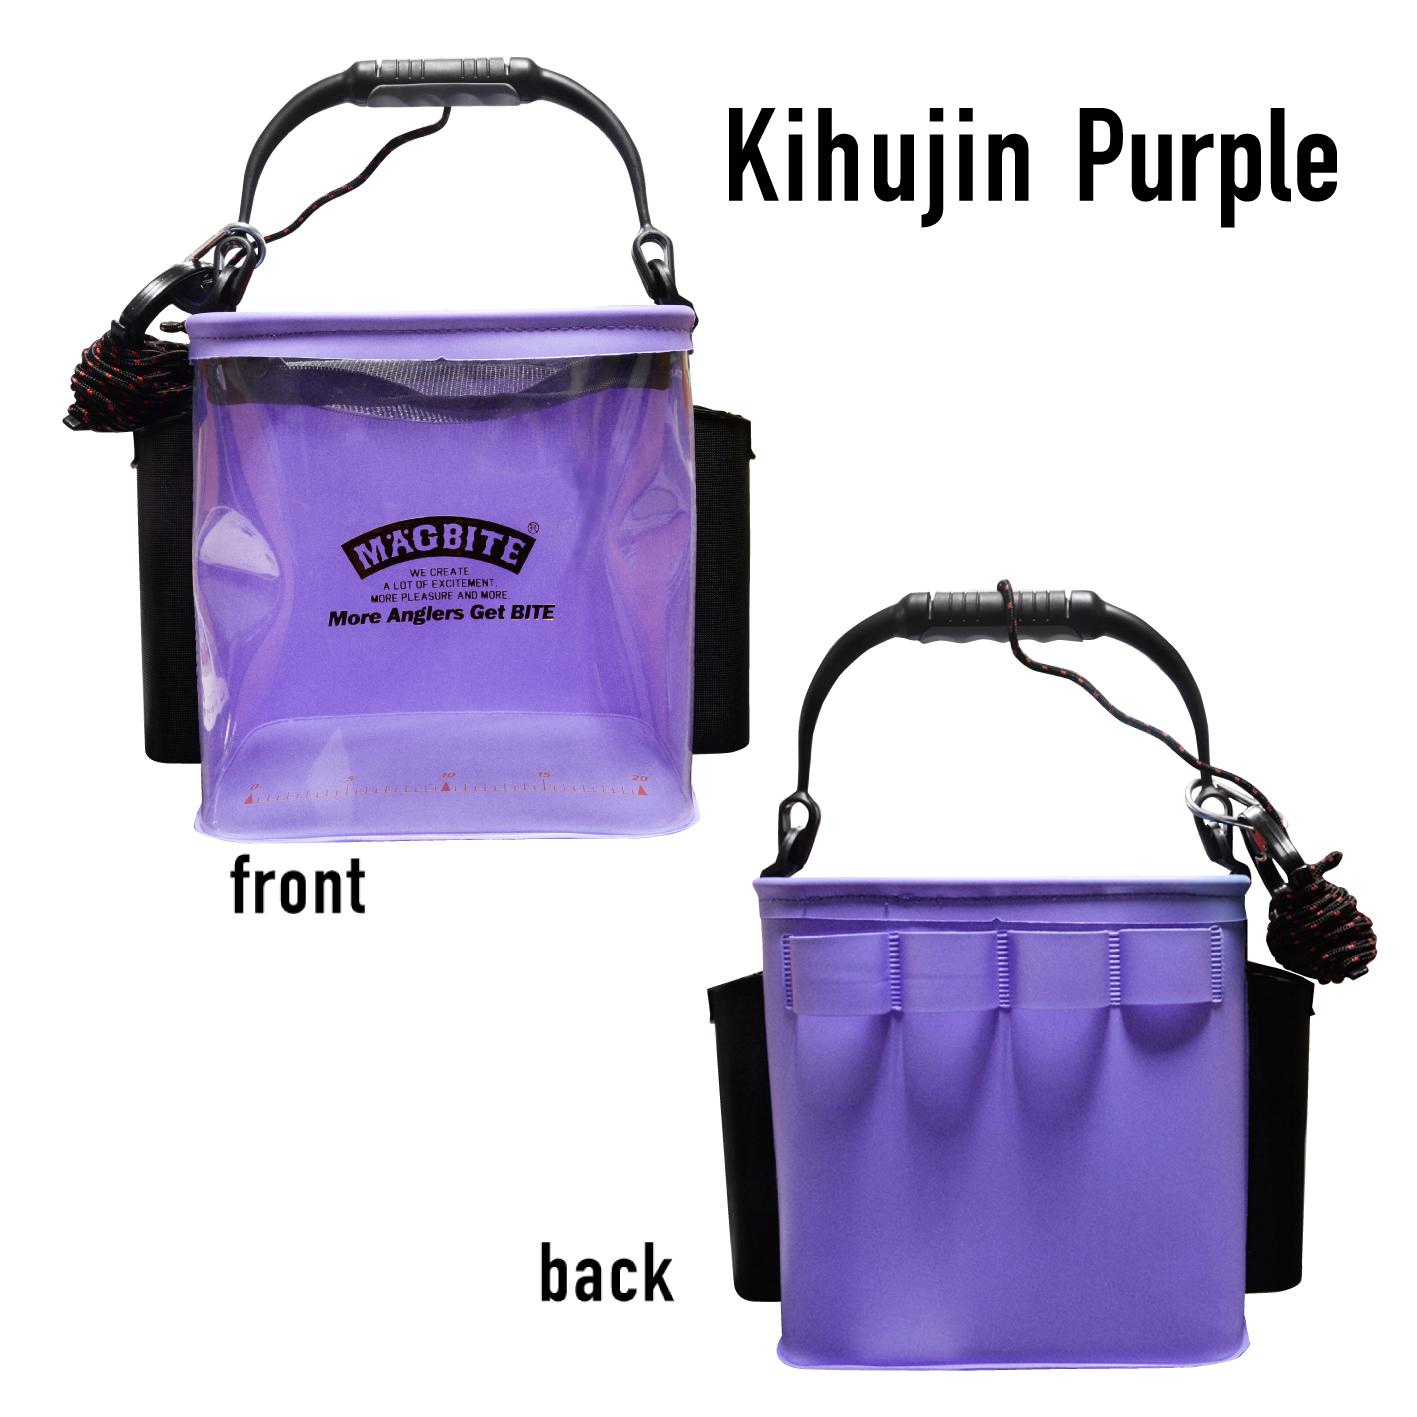 Kihujin Purple